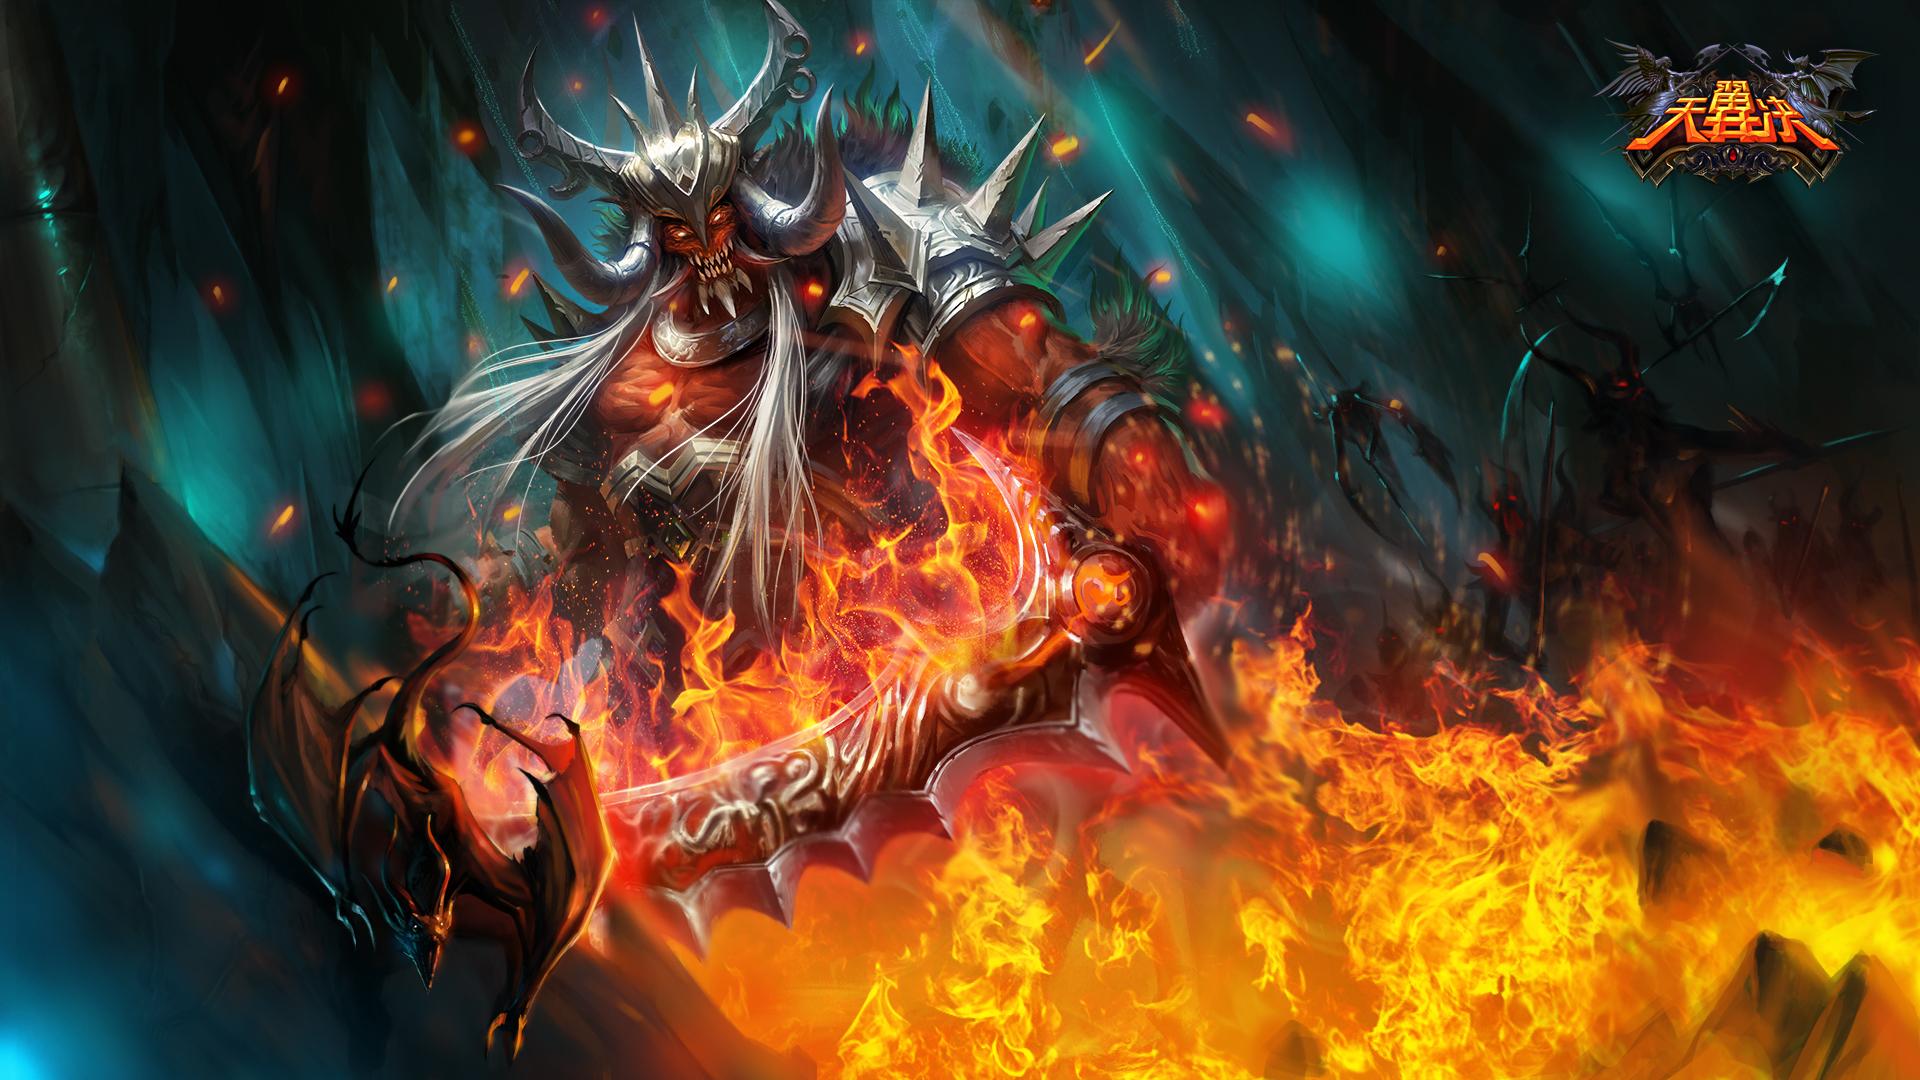 新英雄:火焰魔王-卡萨斯